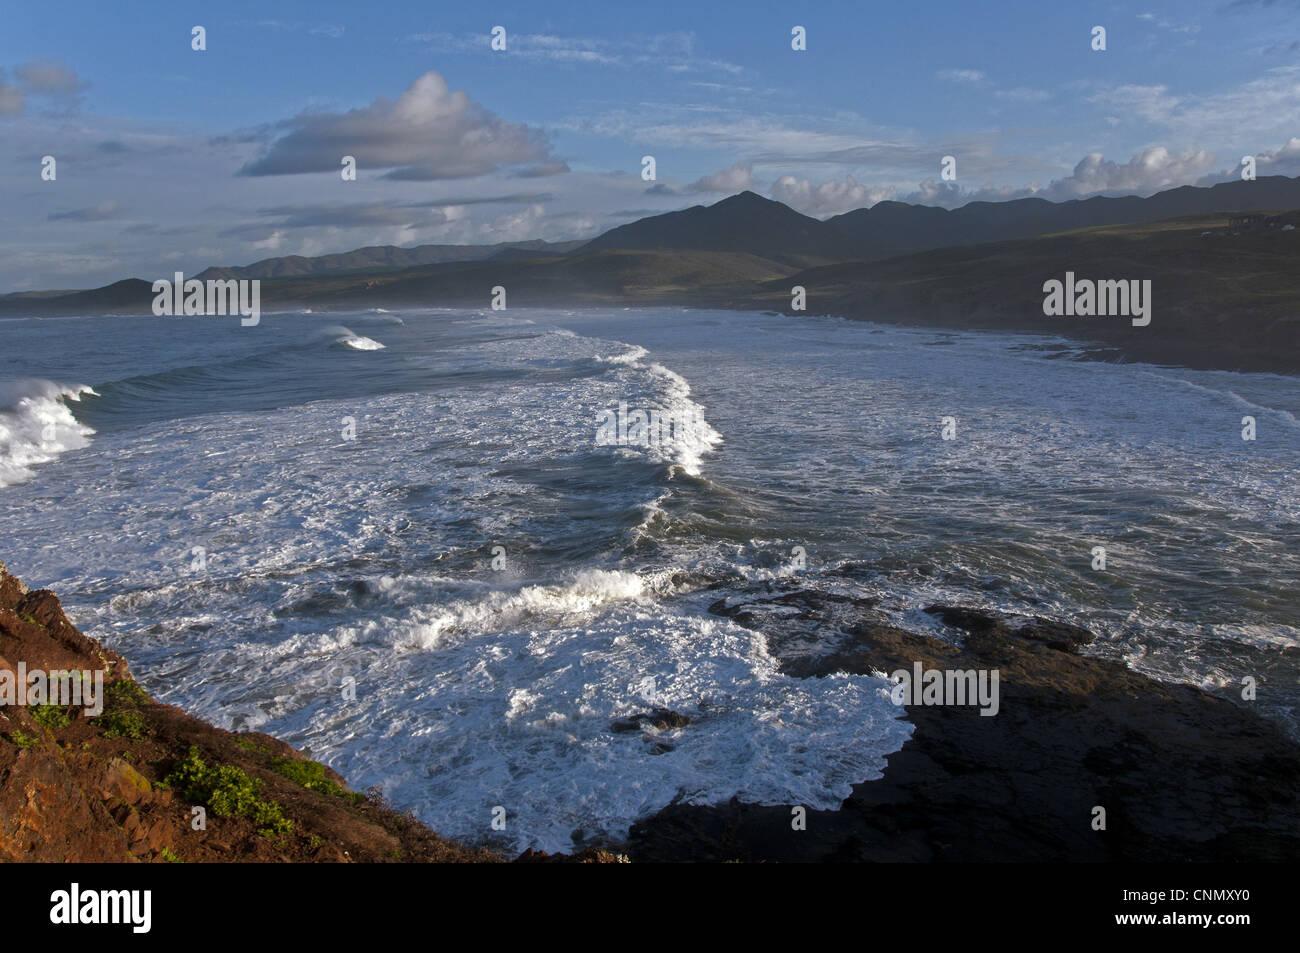 View of coastline, Almejas Bay, Baja California, Mexico, march - Stock Image